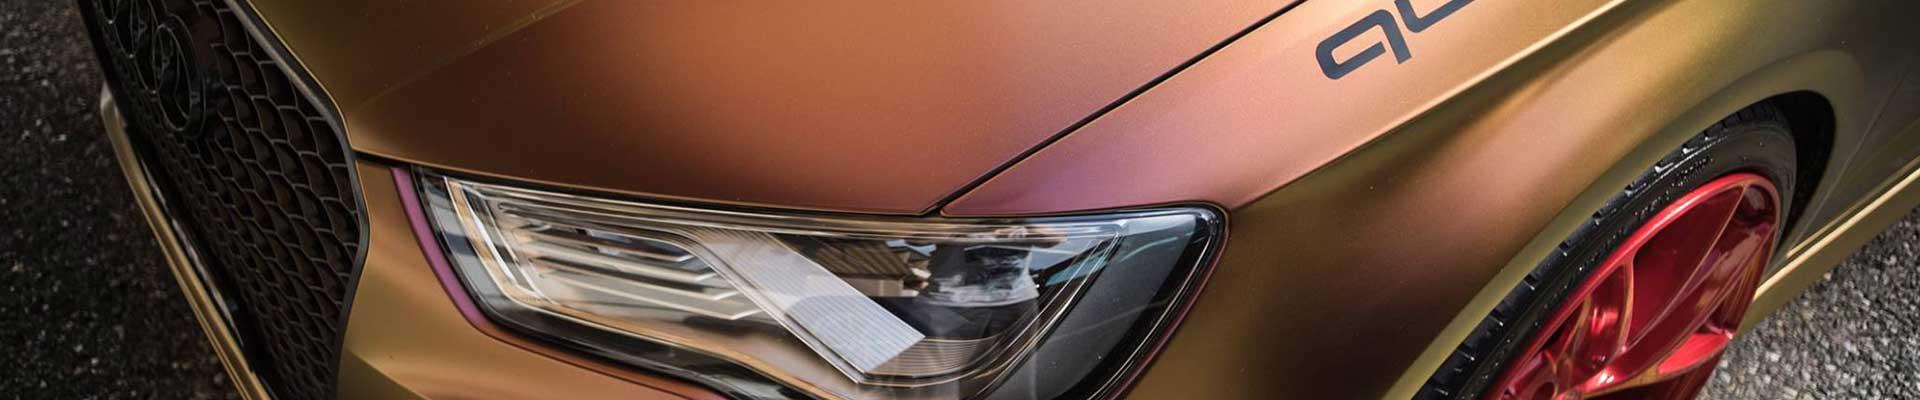 Streit Imports Gmbh Felgen Tuning Amp Autozubeh 246 R